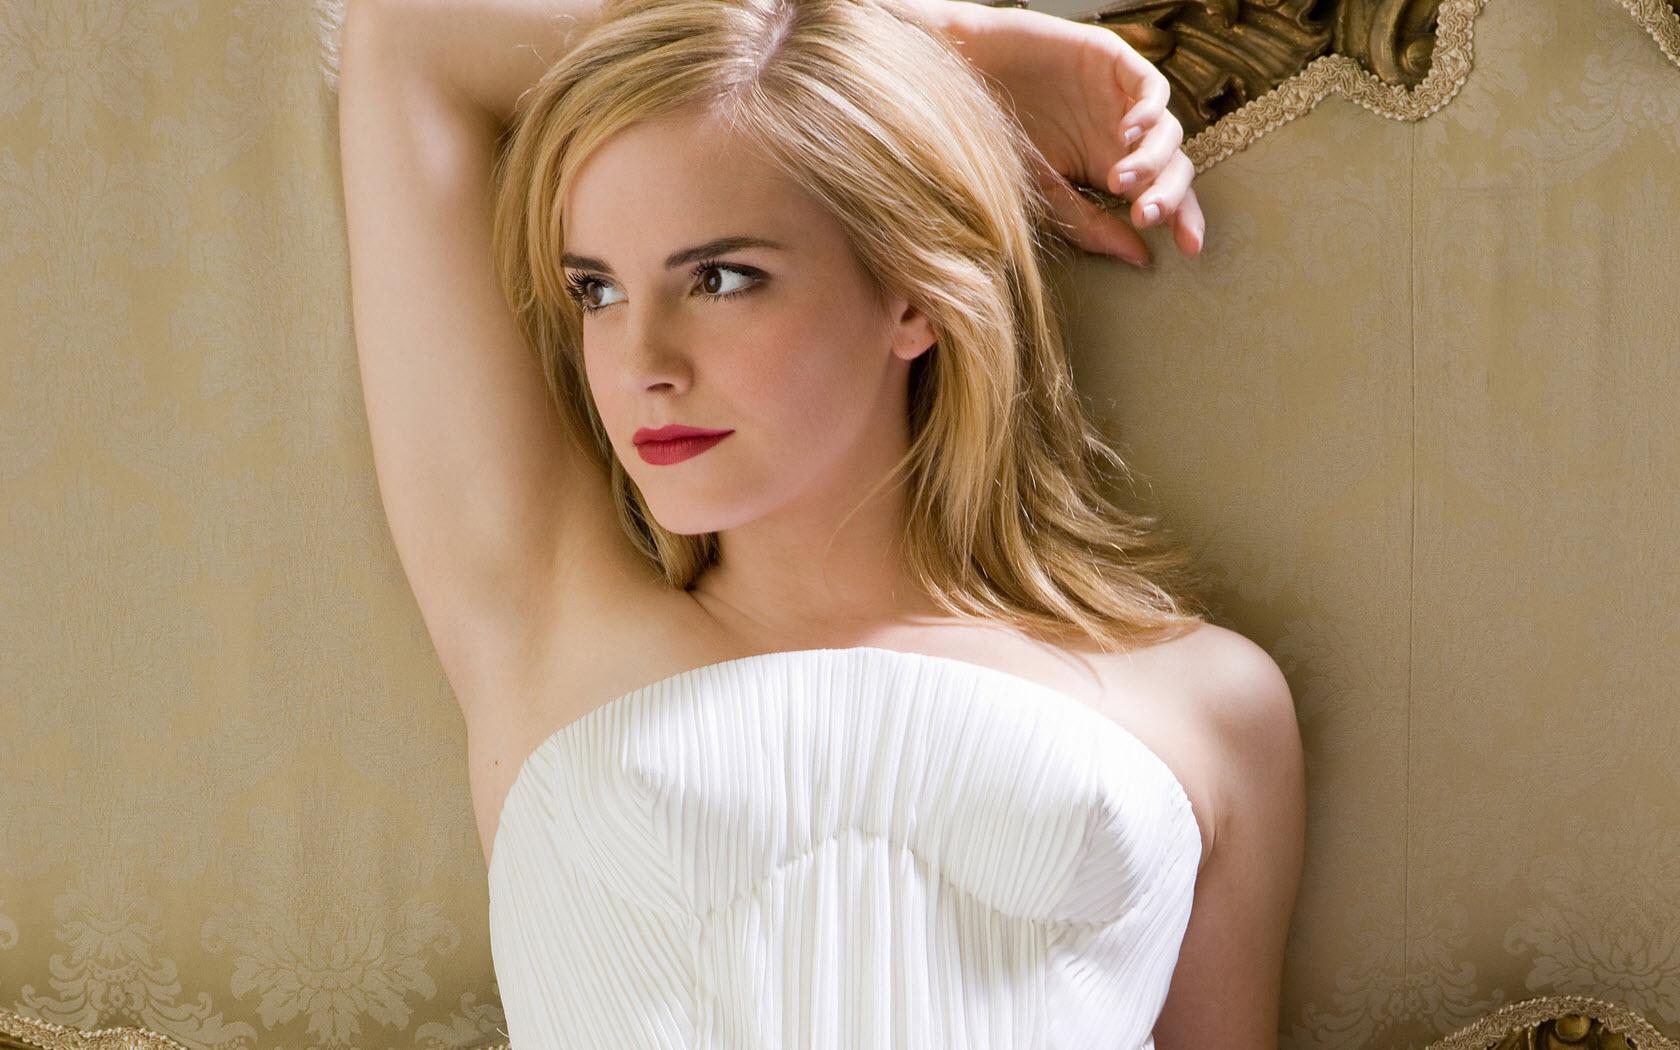 Watson hairy emma Emma Watson's